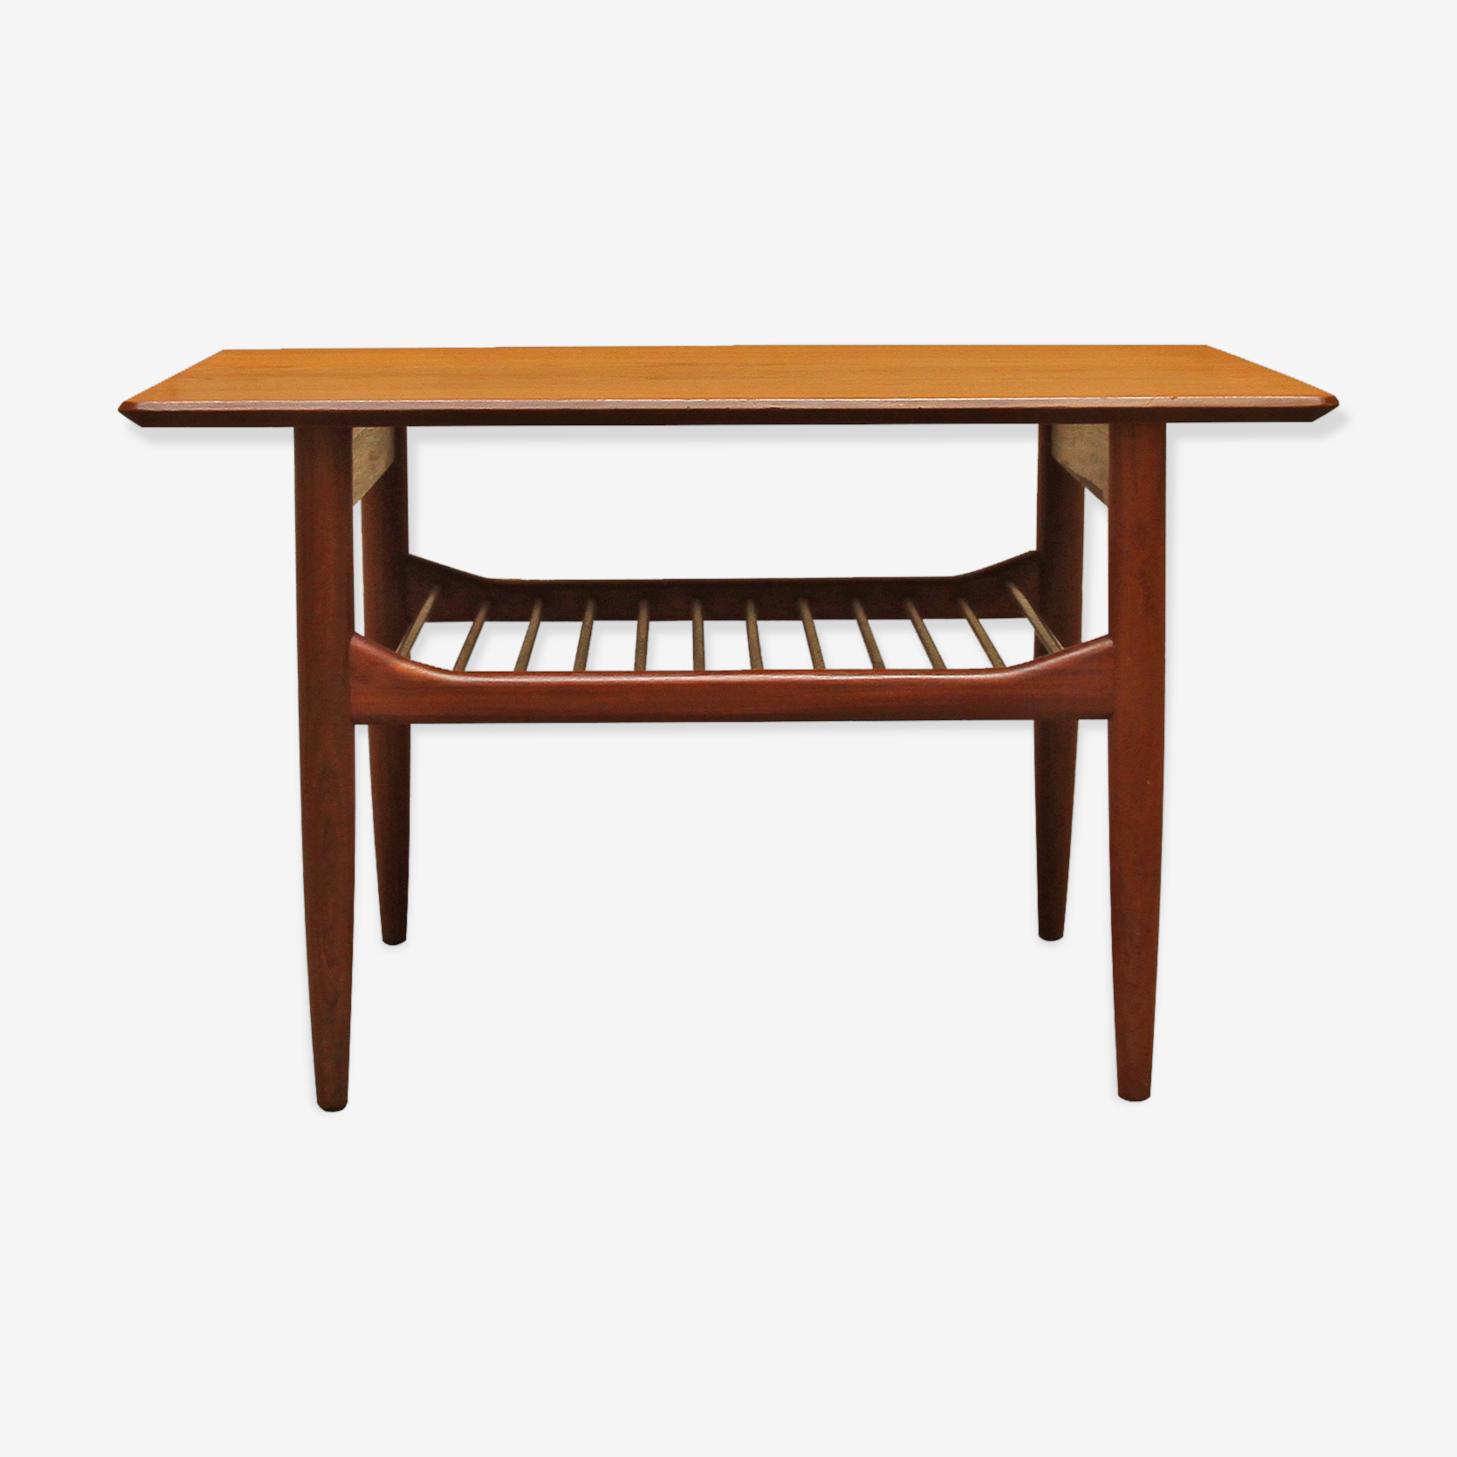 Table basse G-plan